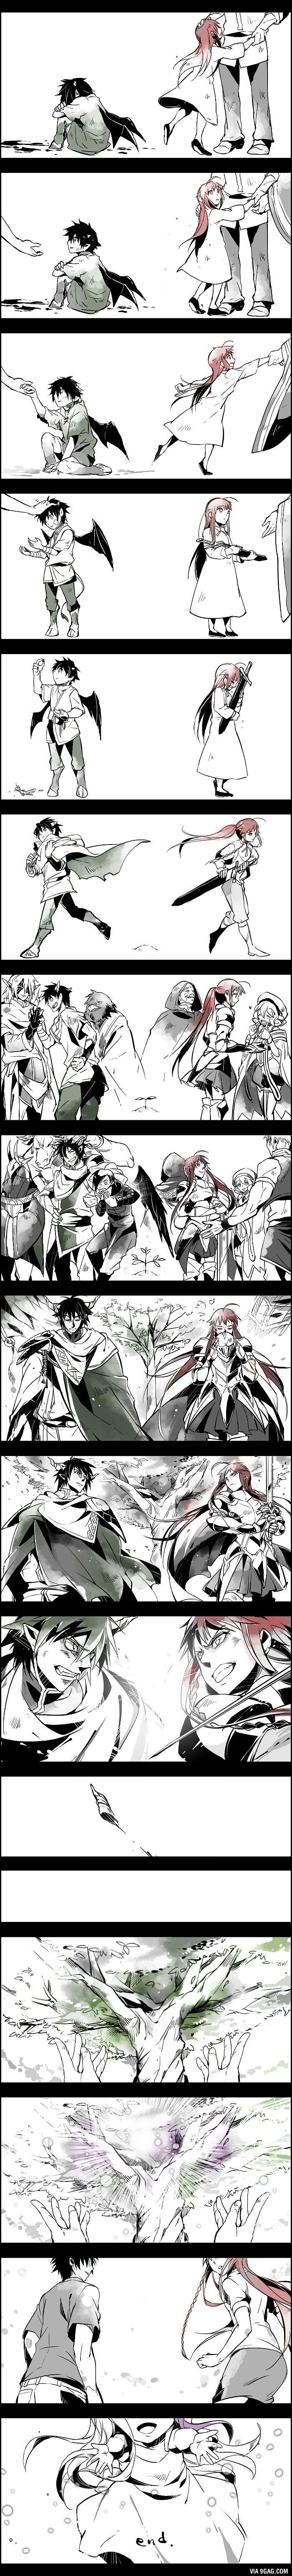 Hataraku Maou-sama! (はたらく魔王さま!) [Light Novel & Manga] - Page 49 - AnimeSuki Forum